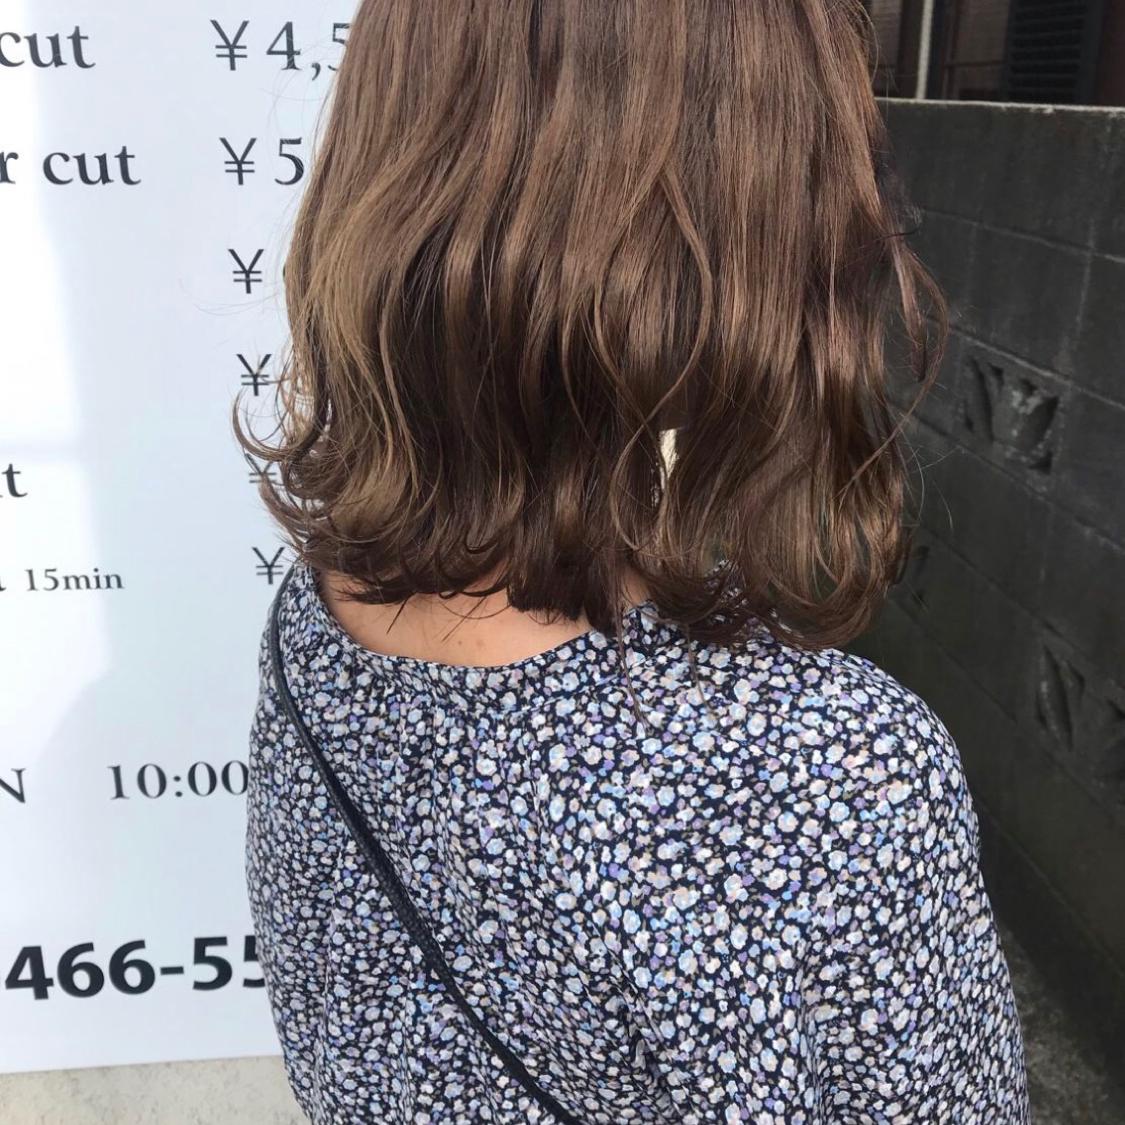 ボブ✖︎ウェーブ巻きのヘアアレンジ。  ミックス巻きに飽きた時におすすめ☺️ ストレートよりもカールアイロンの方が、ゆるふわに巻けるから女の子らしい雰囲気に✌️  #ヘアアレンジ  #アレンジ #ボブ